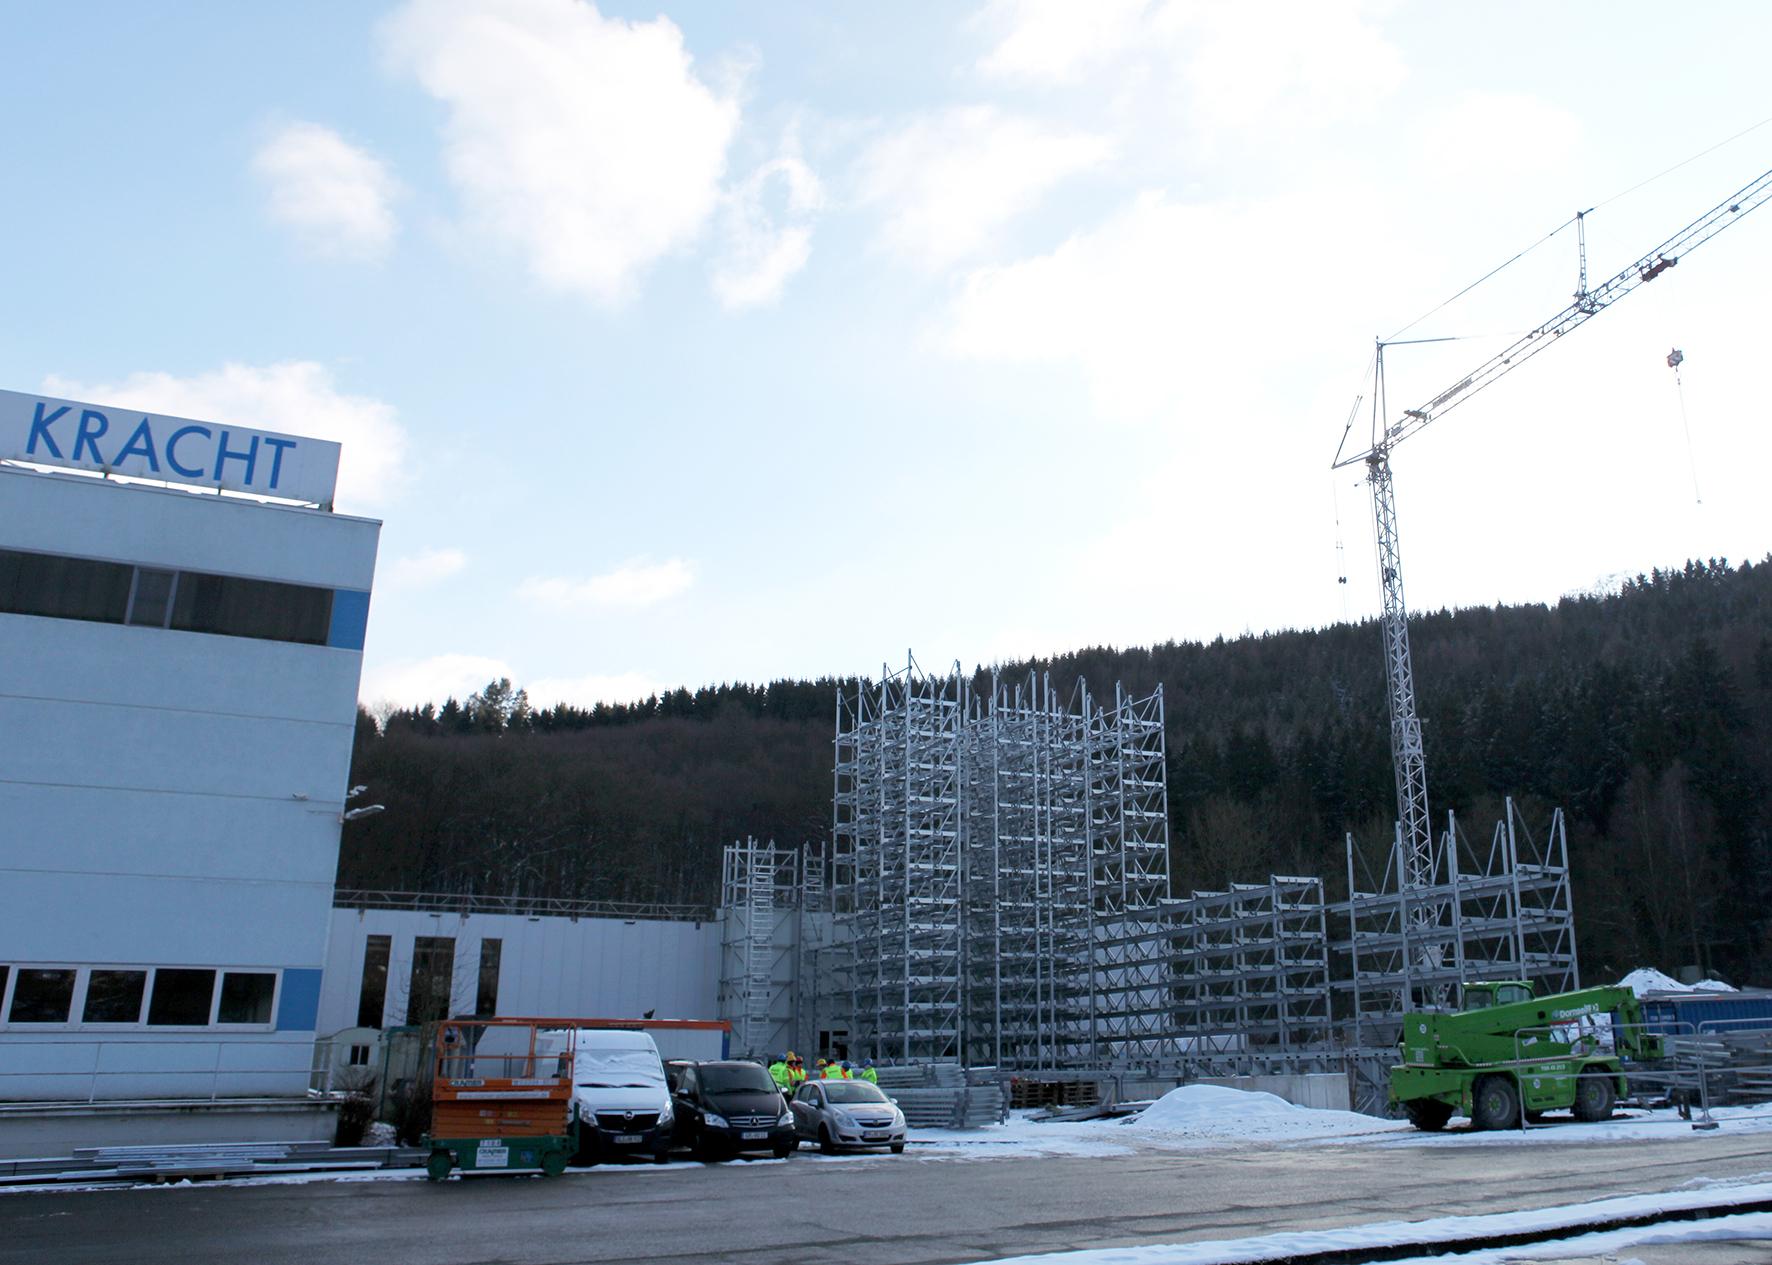 Derzeit wird das Stahlgerüst des 23 m hohen Lagers in Silobauweise montiert, die Fertigstellung des Logistikzentrums mit einem Investitionsvolumen von rund 7,7 Mio. Euro ist für Mai/Juni 2017 geplant.